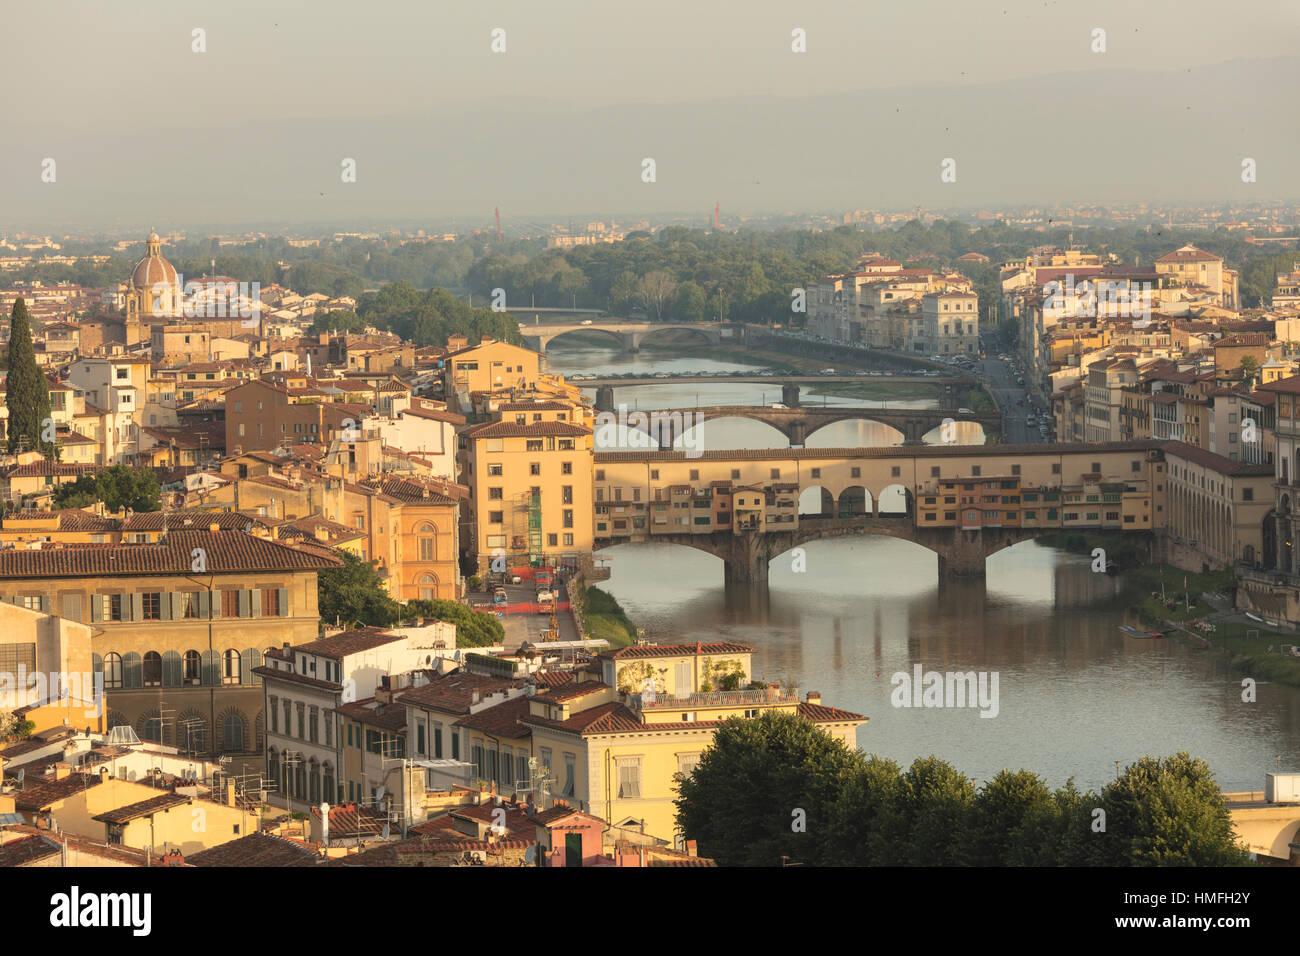 Blick auf die mittelalterliche Stadt Florenz mit dem typischen Ponte Vecchio am Fluss Arno von Piazzale Michelangelo, Stockbild